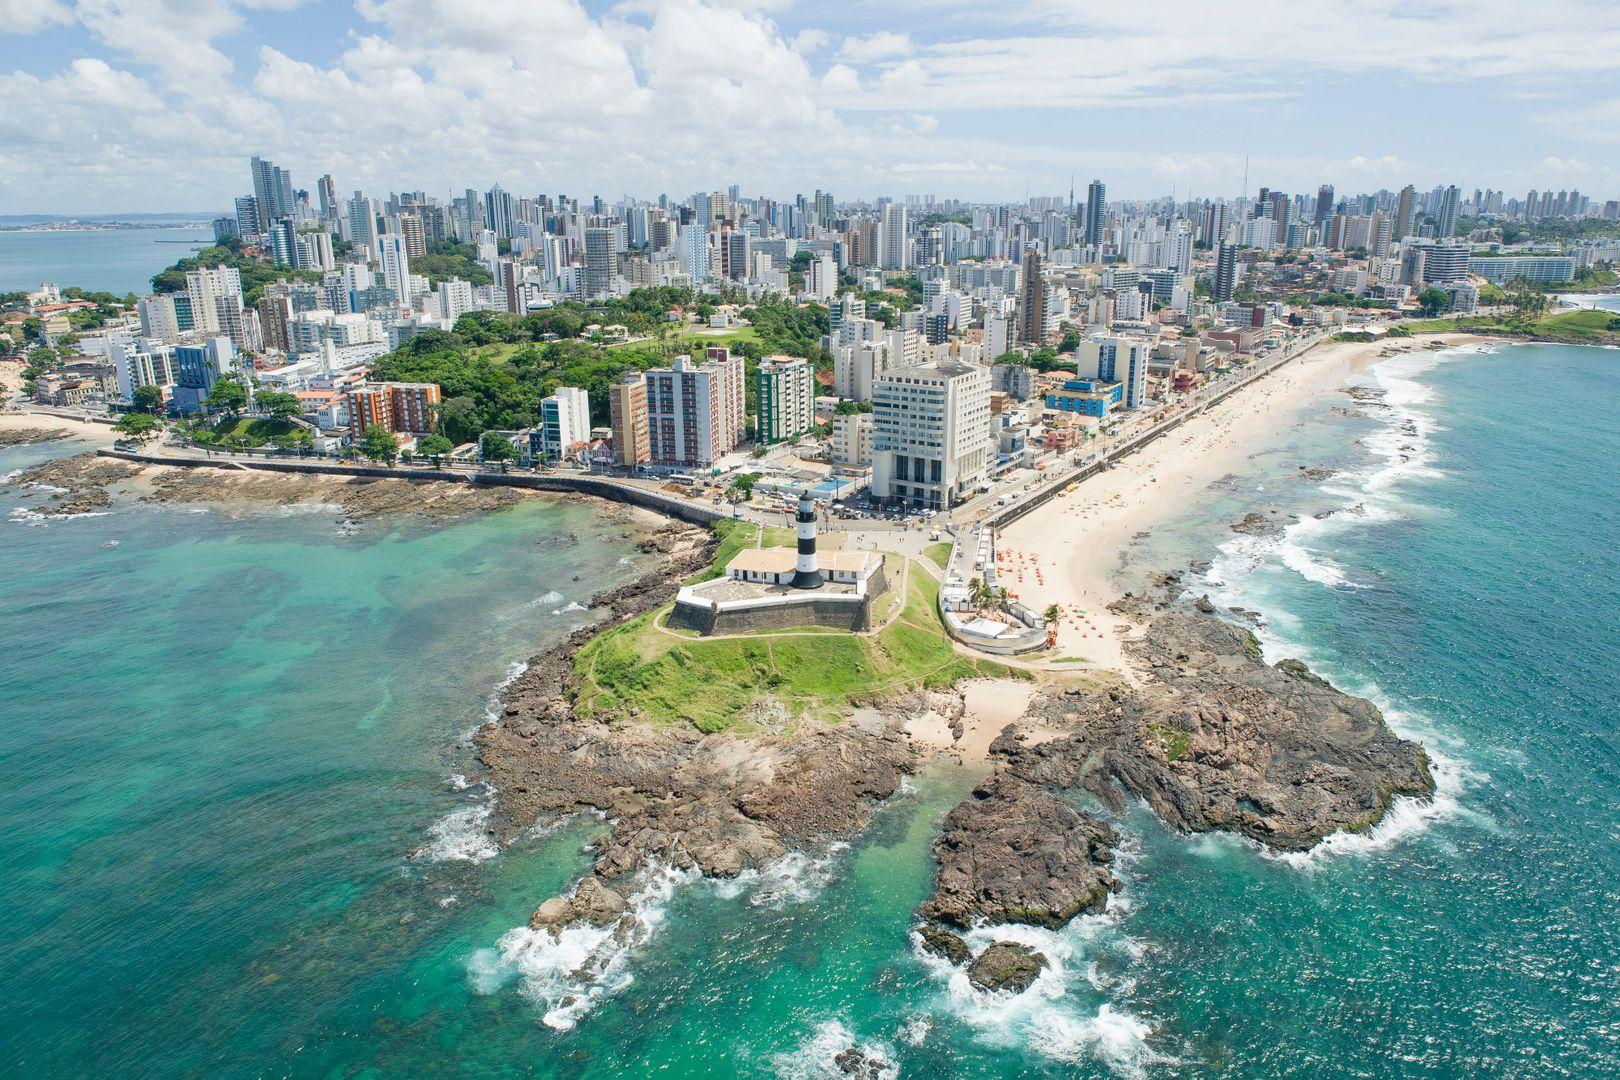 Tribunal de Contas do Estado da Bahia - TCE/BA